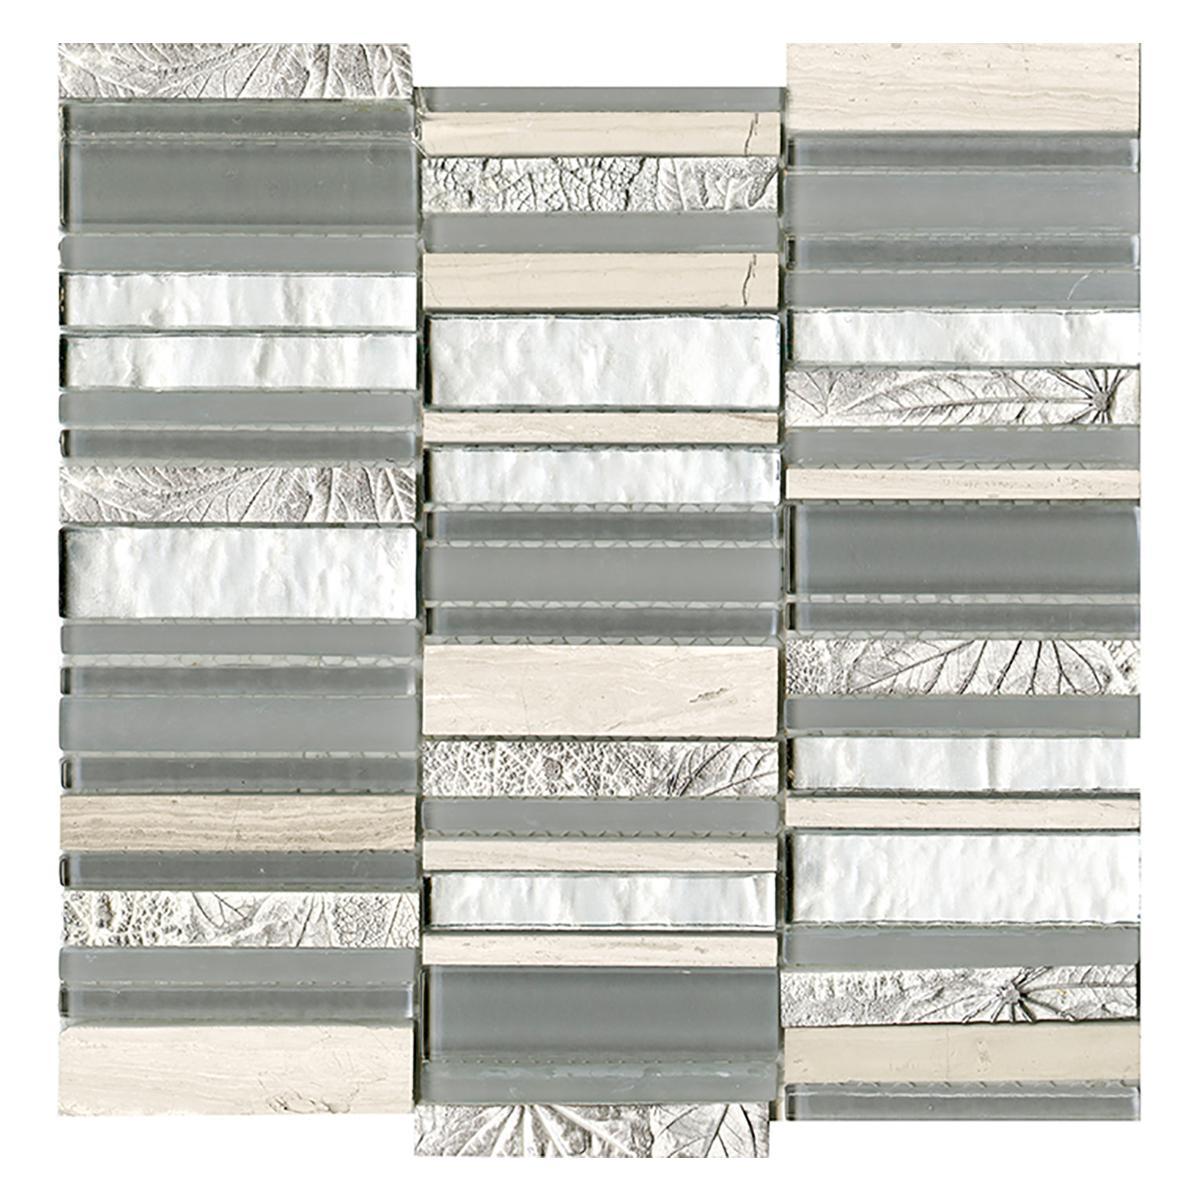 Mosaico Elements Multicolor Brillante/Mate - 29.7X29.7 cm - 1 pza